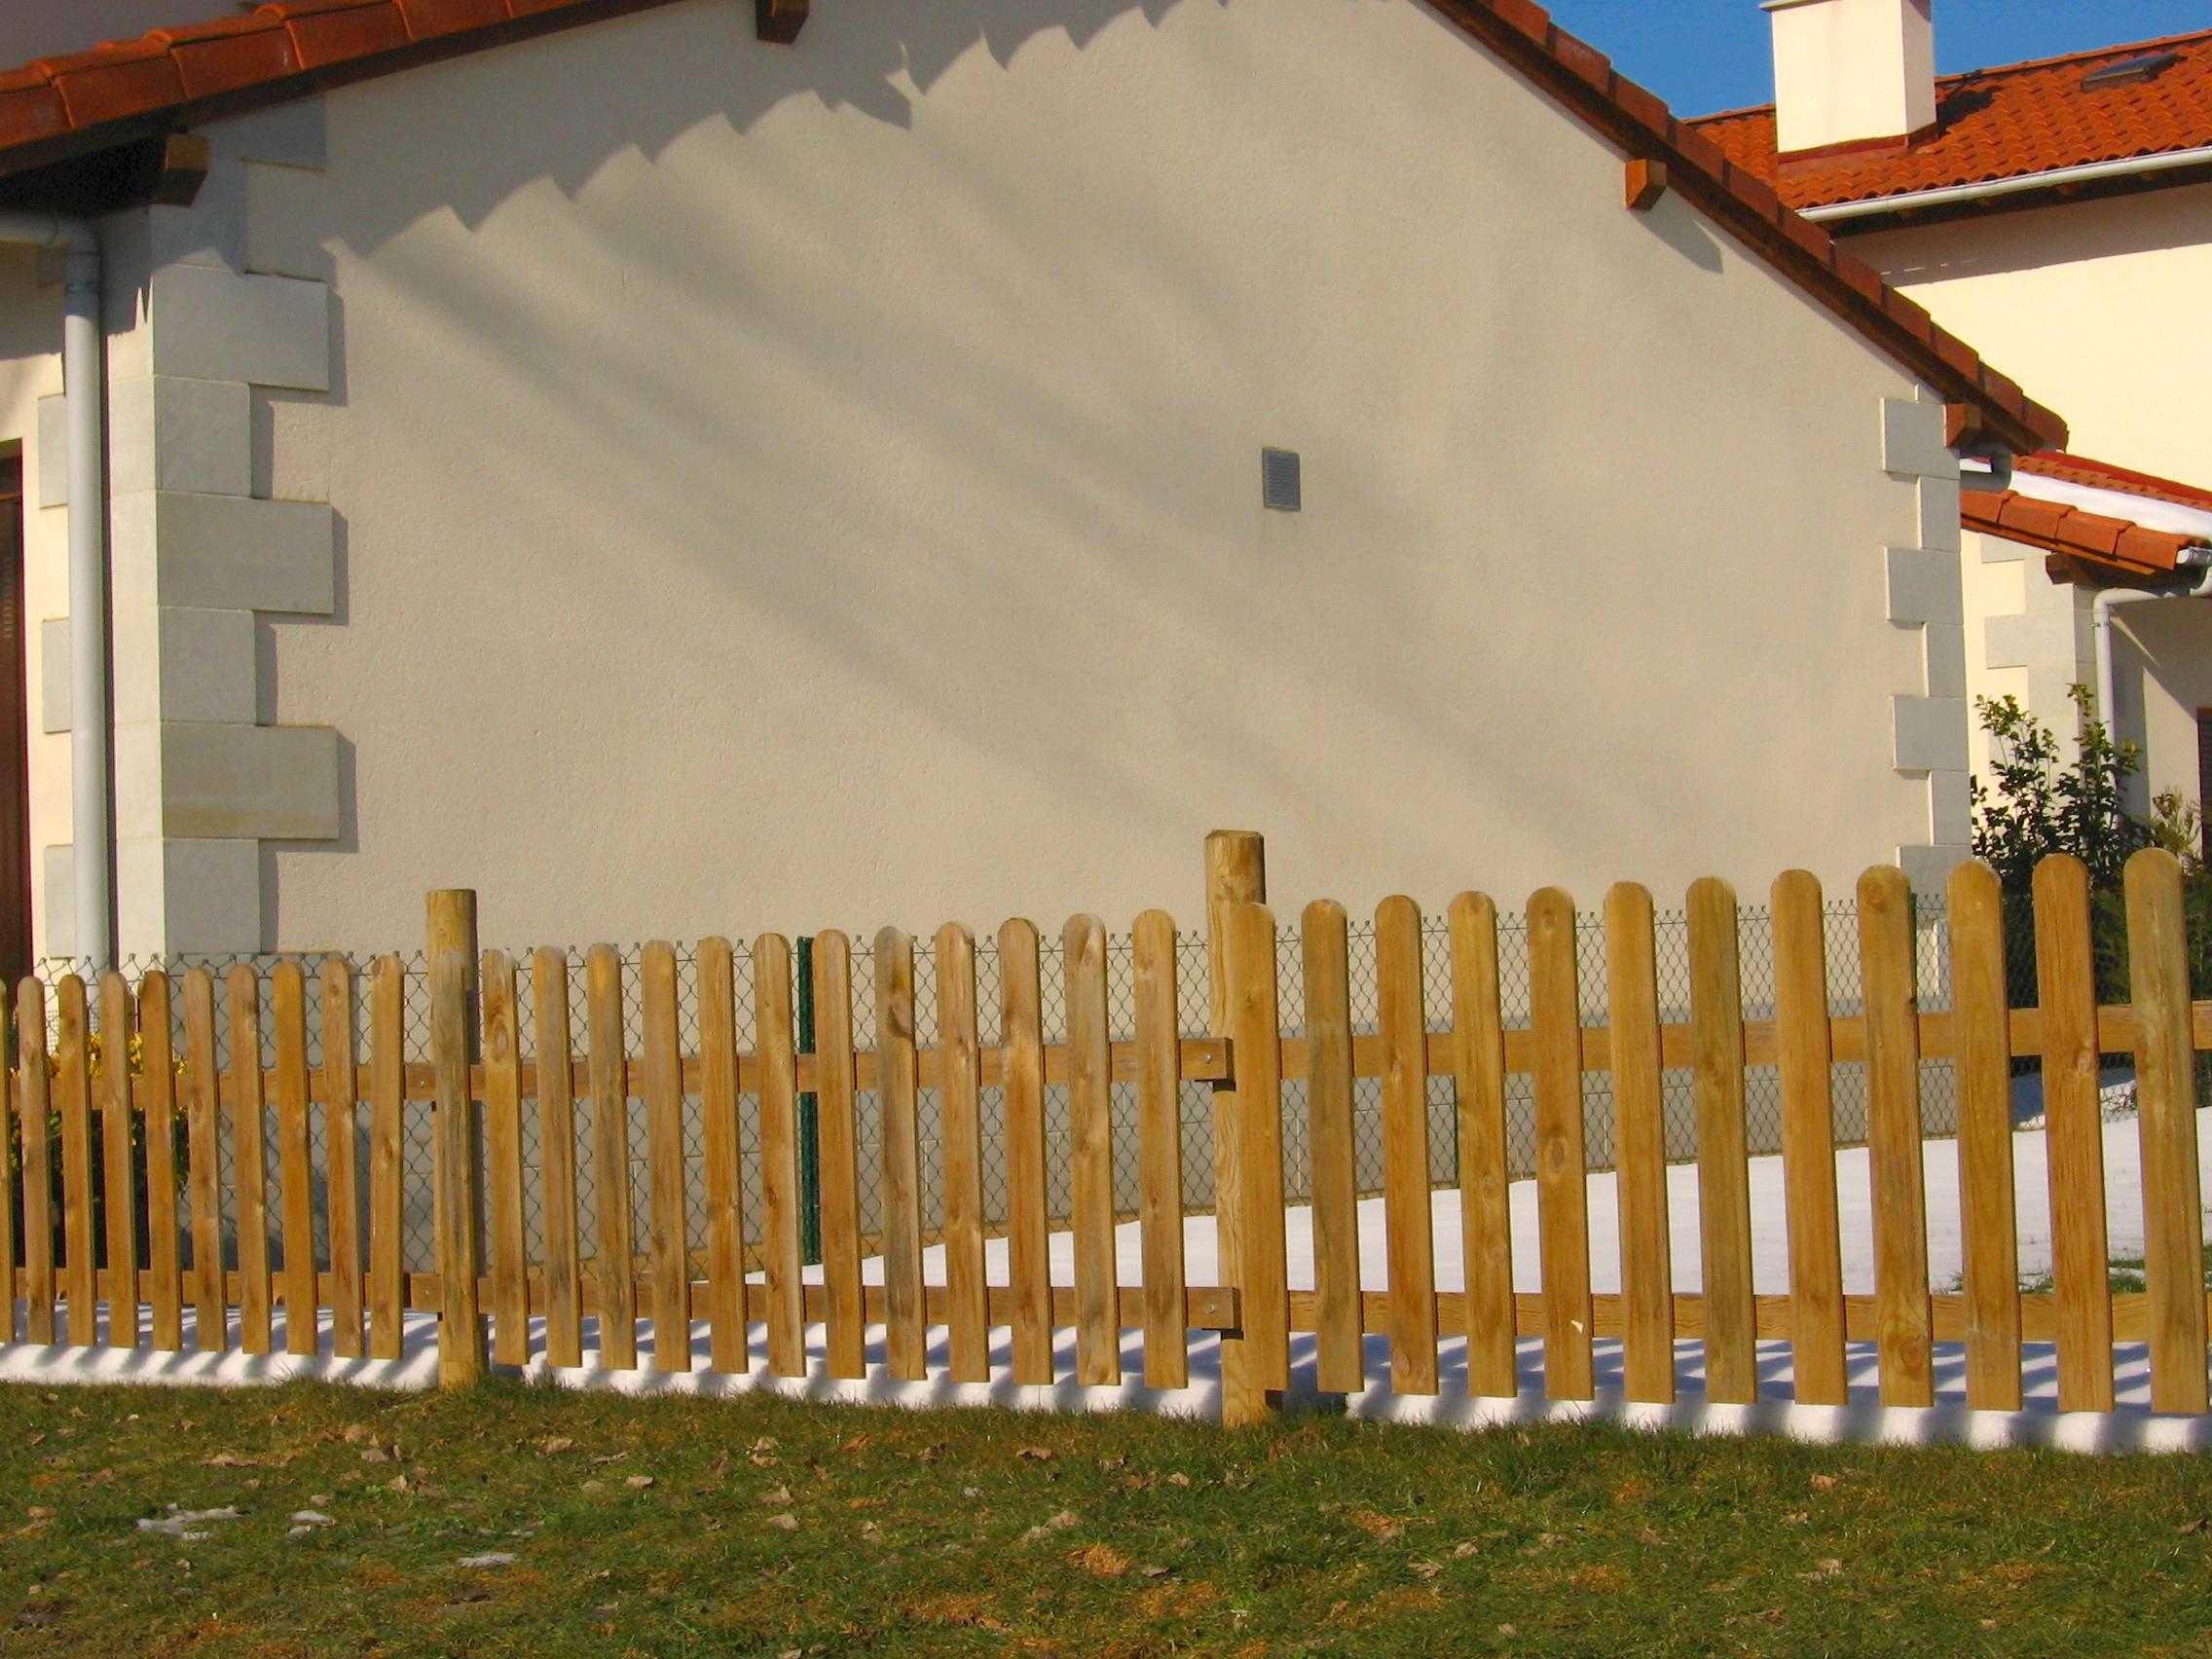 Cm division construccion s l cierres especiales - Estacas de madera para cierres ...